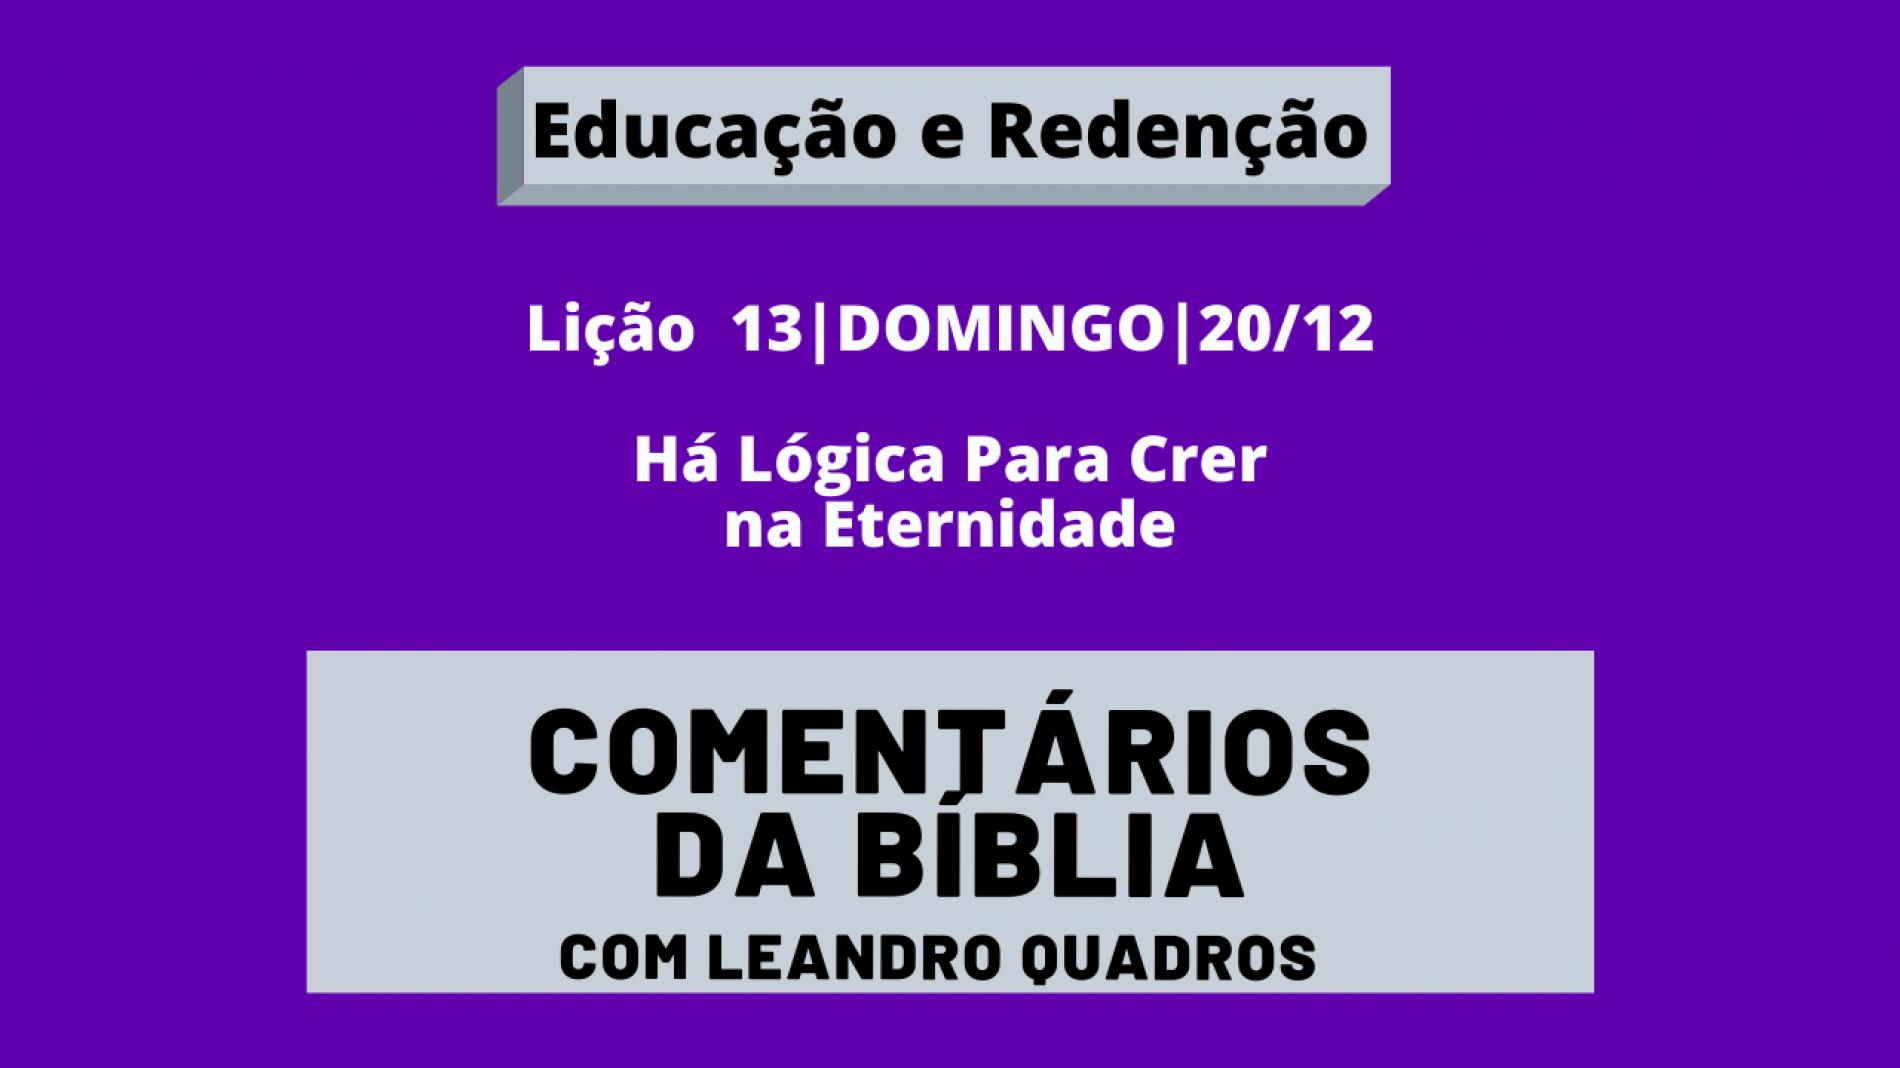 Domingo |20/12| Há Lógica Para Crer na Eternidade – Lição 13